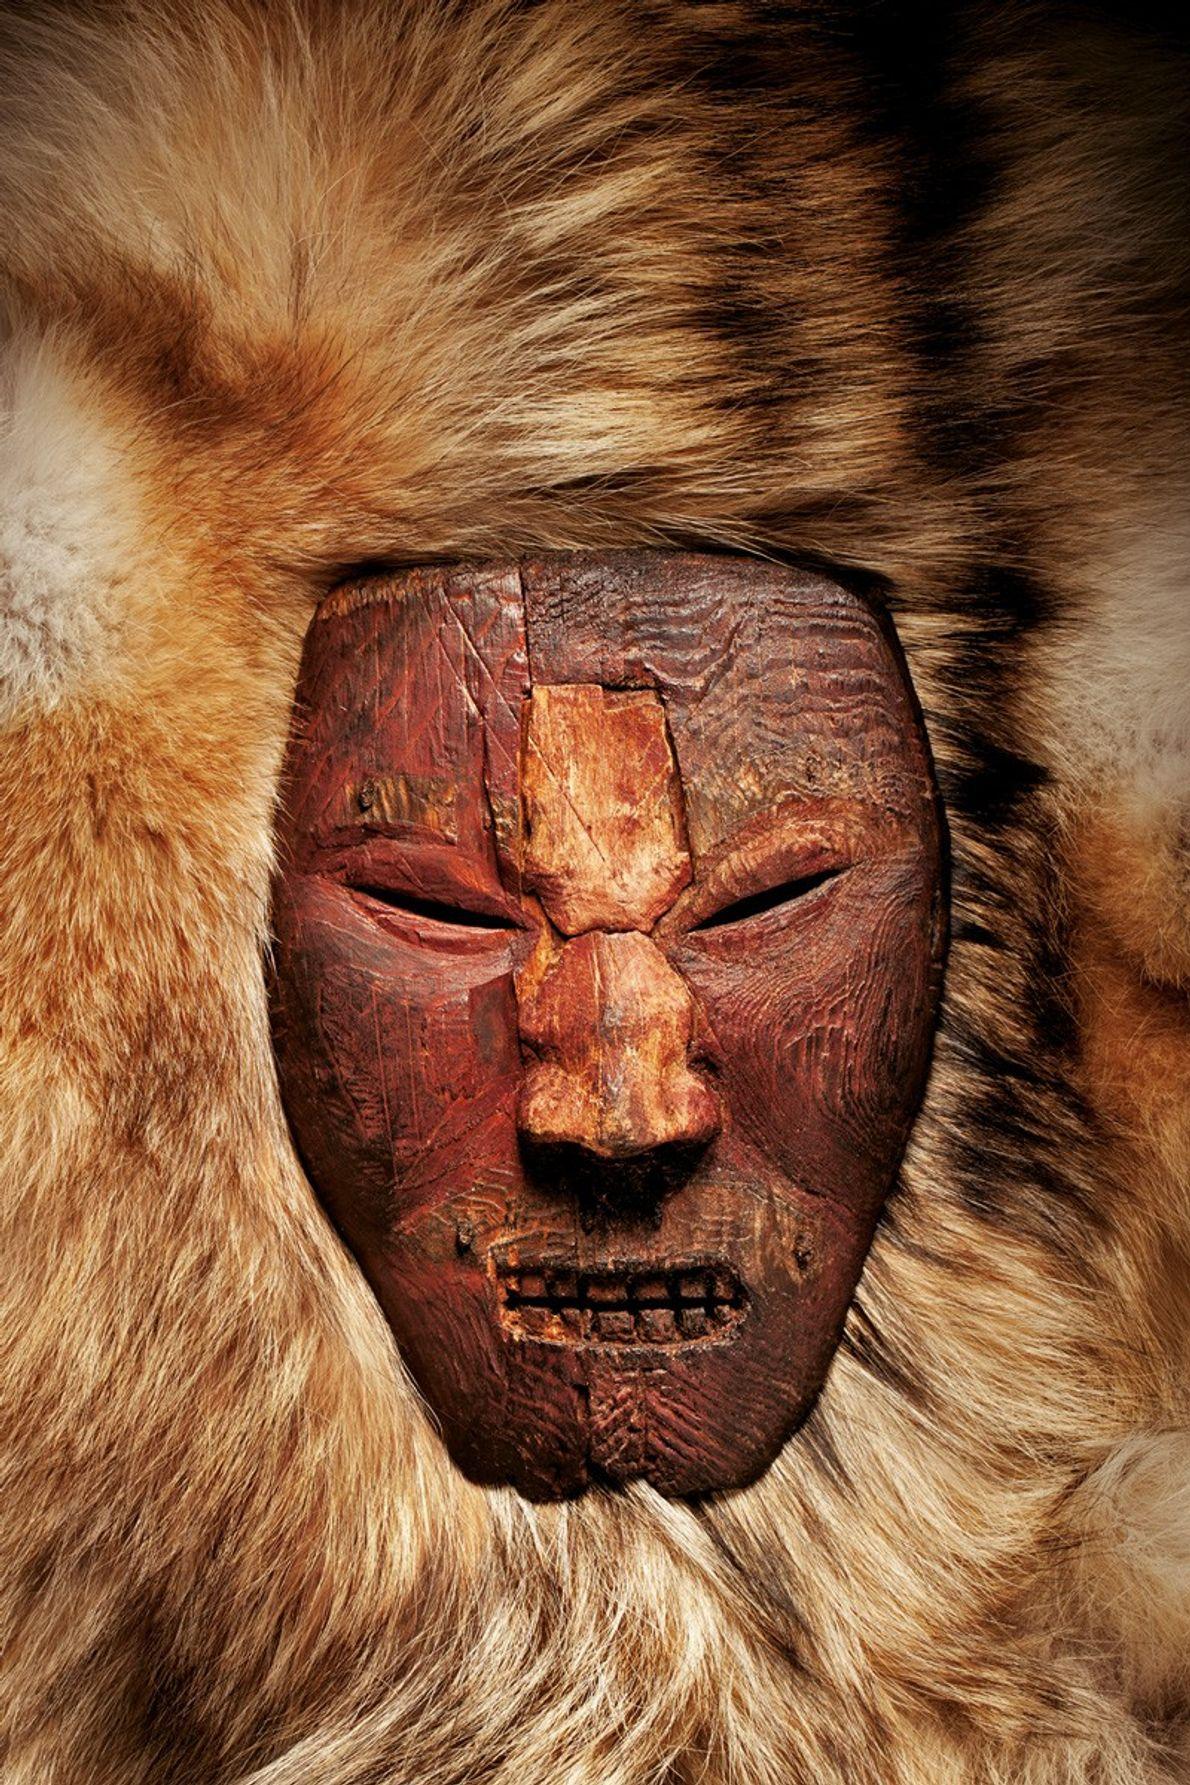 Masque amérindien